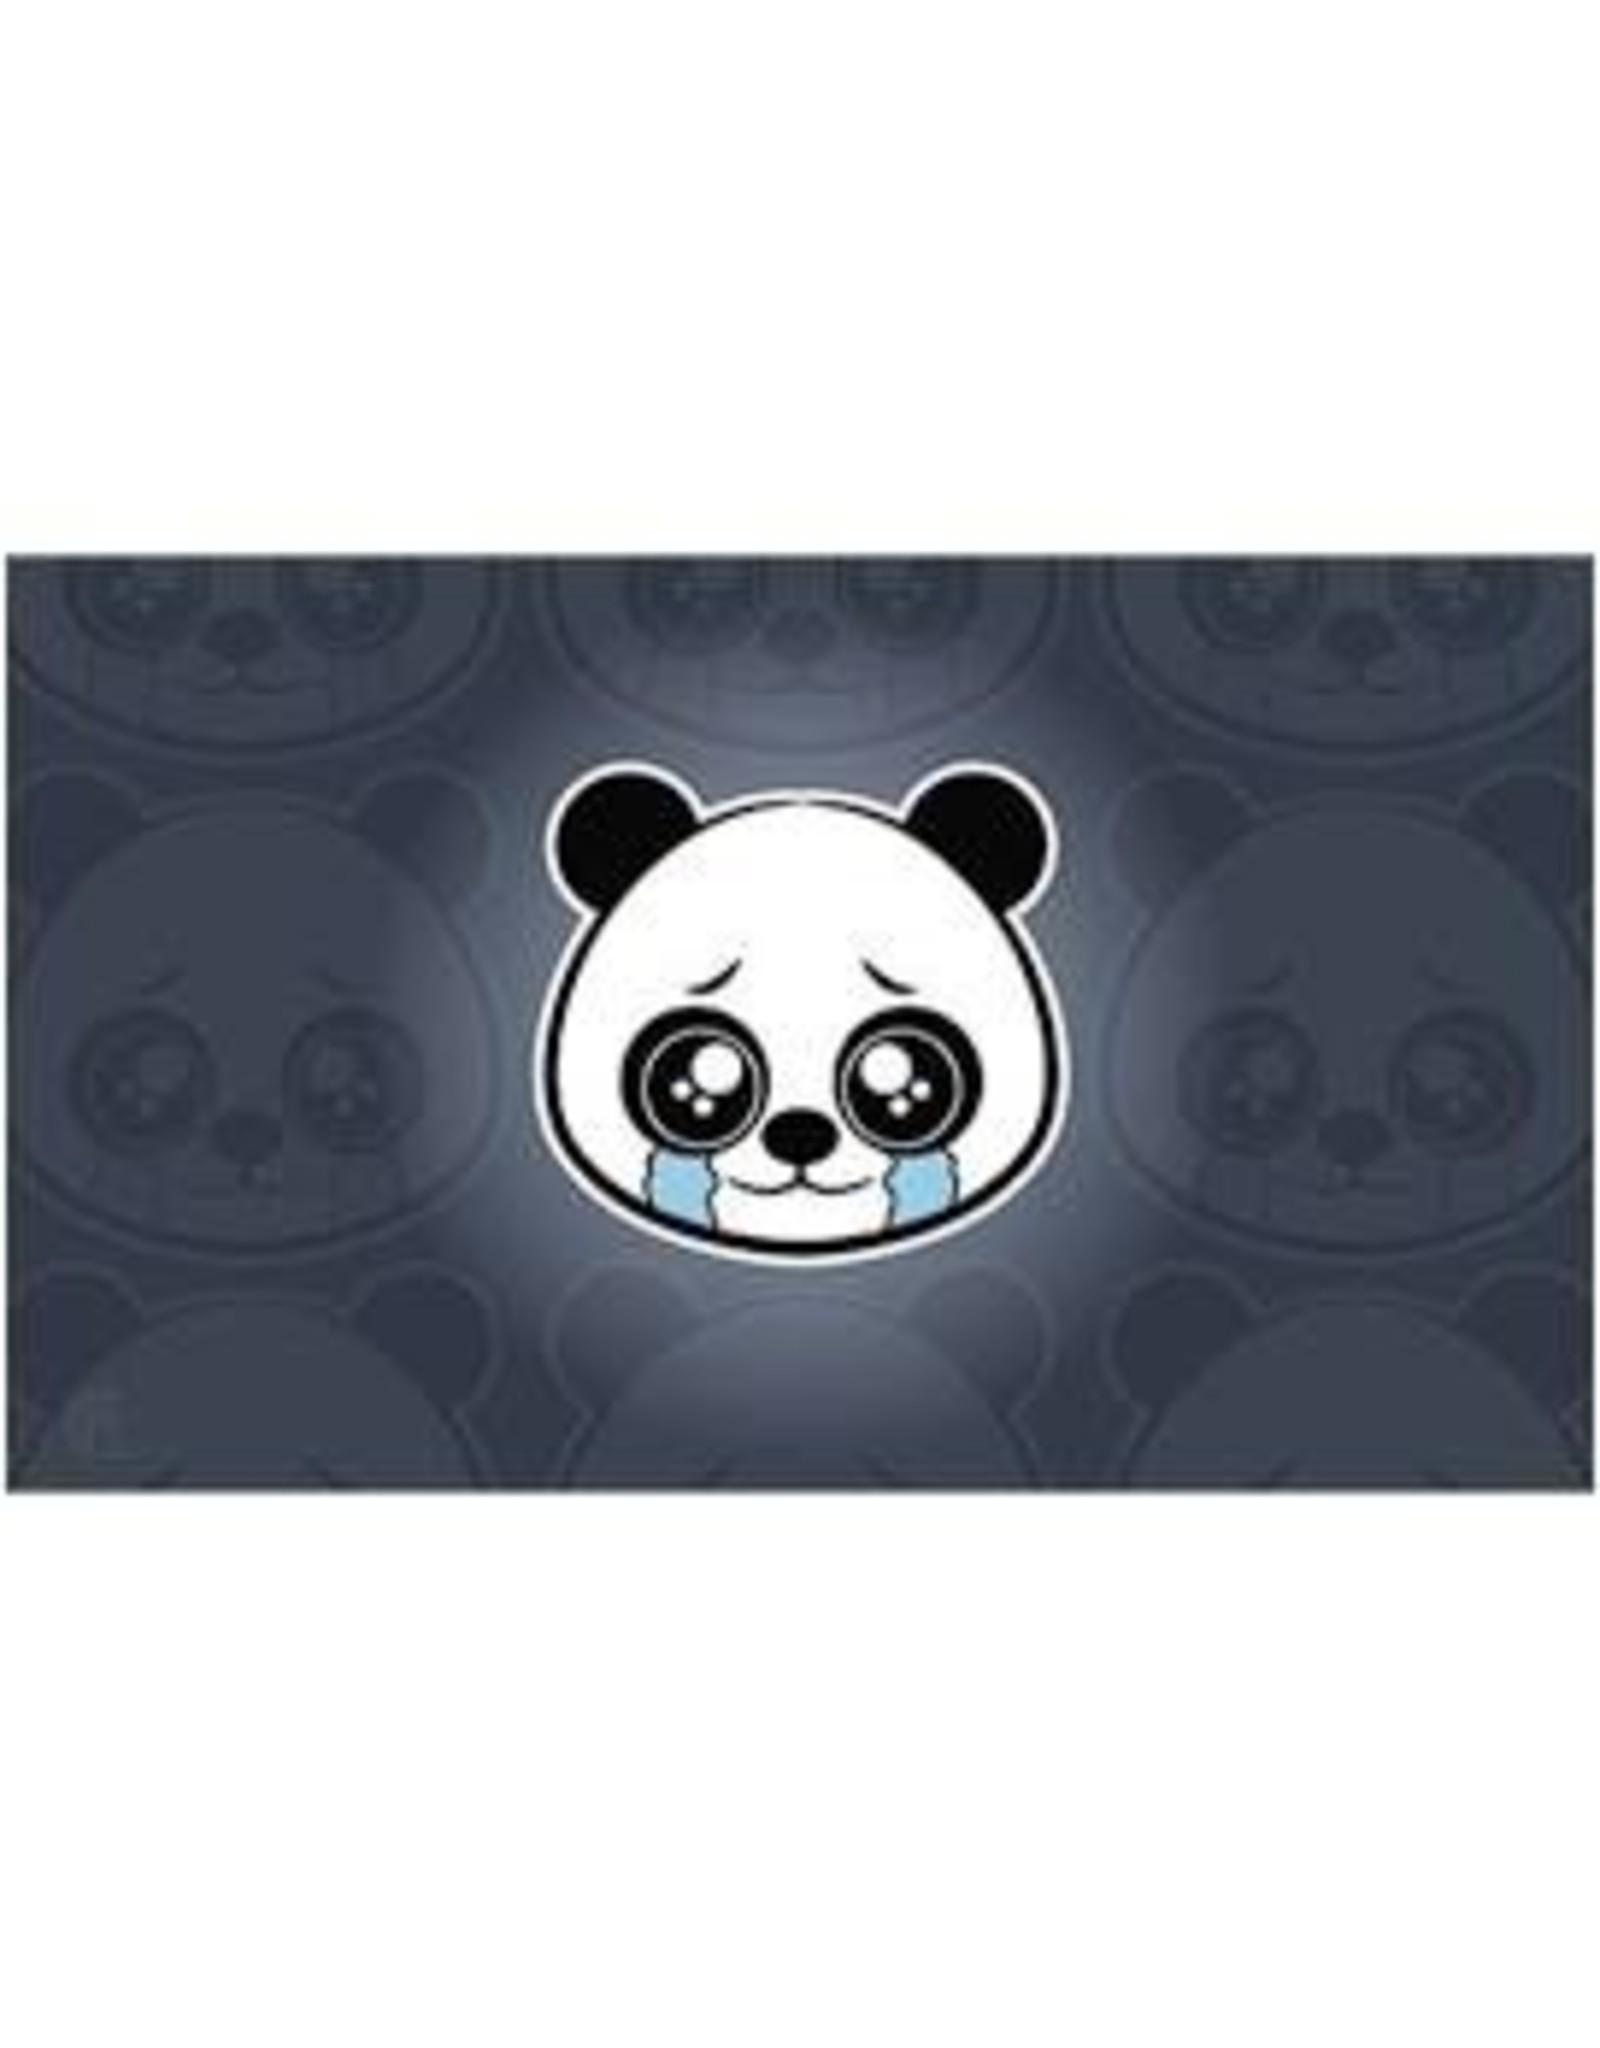 Legion Play Mat: Sad Panda